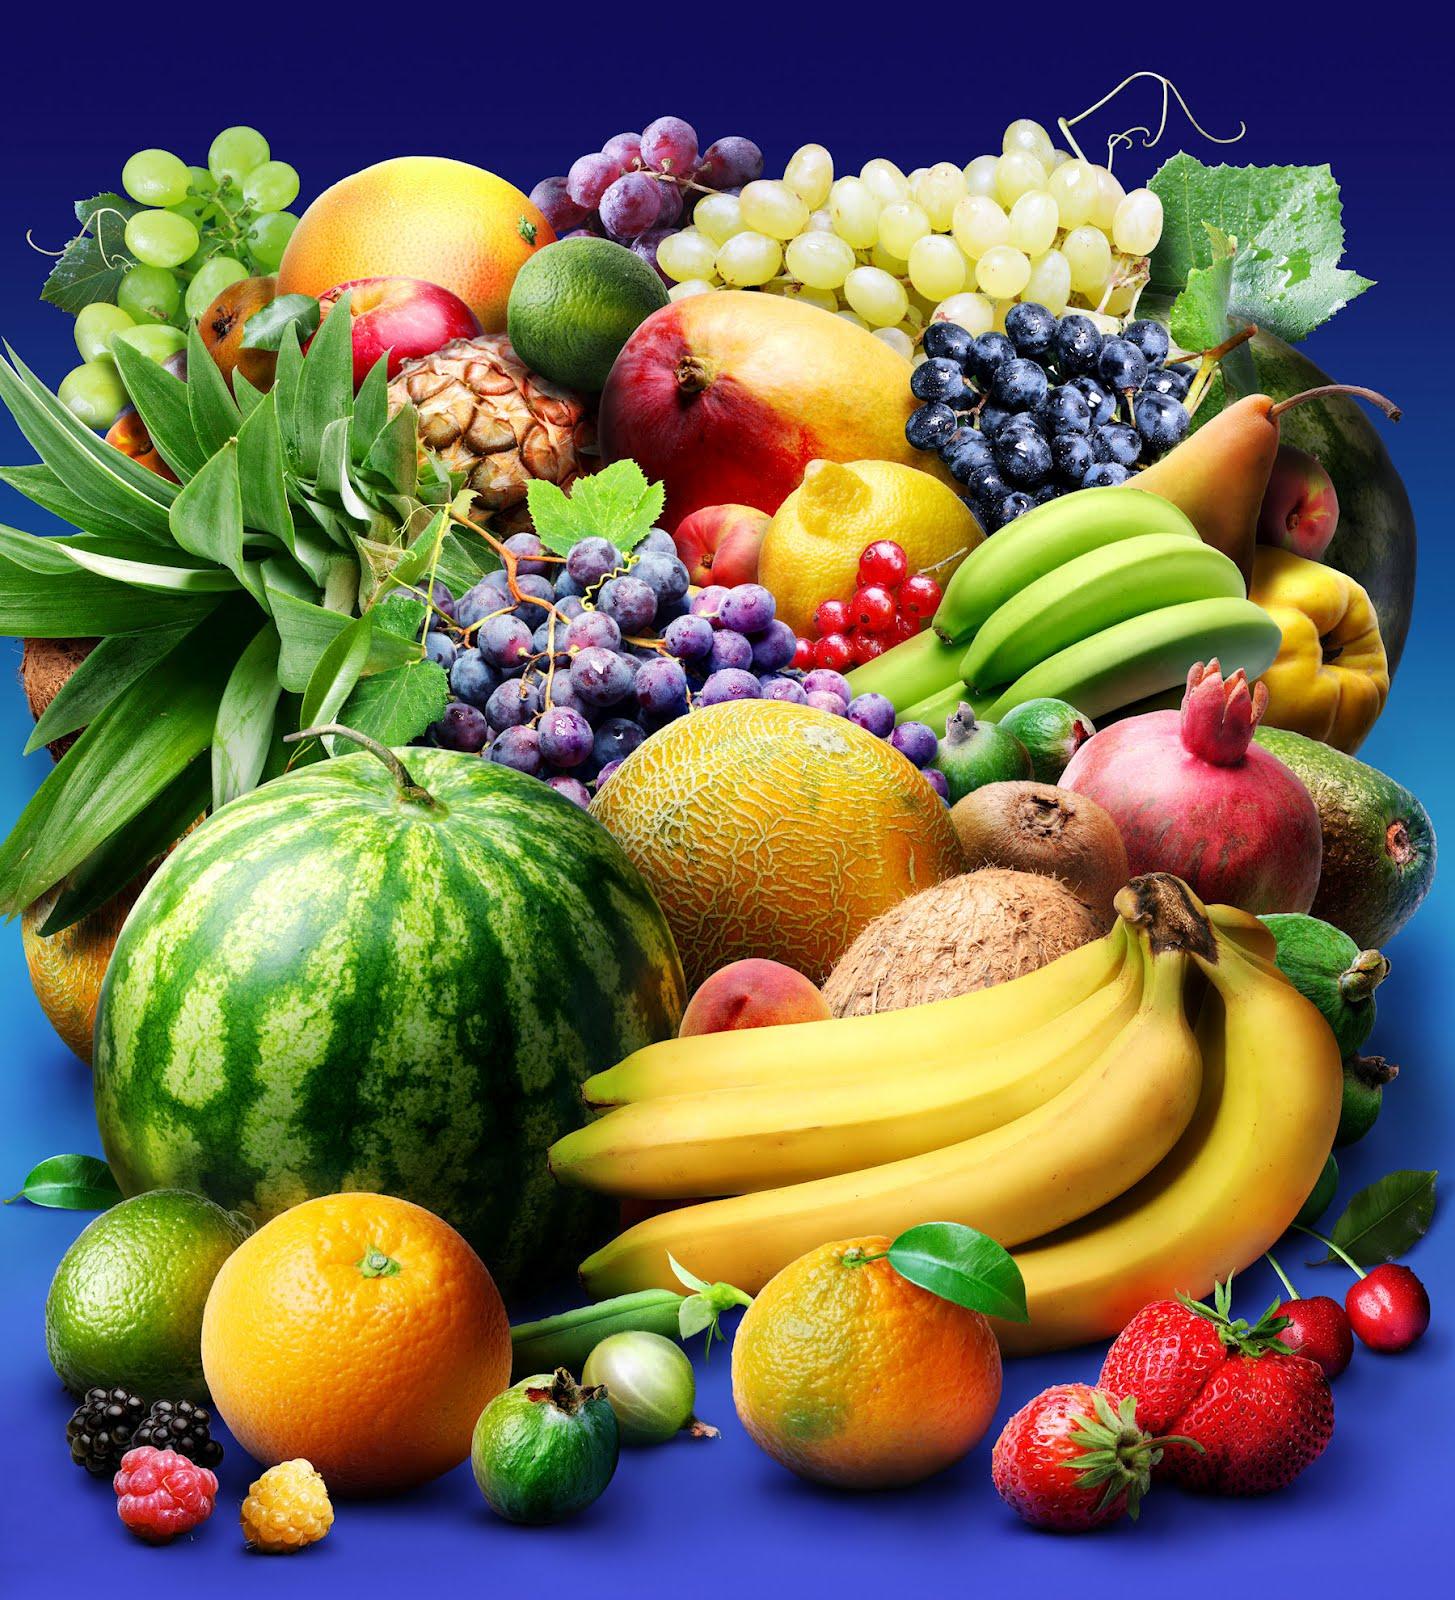 image gallery imagenes de frutas tropicales